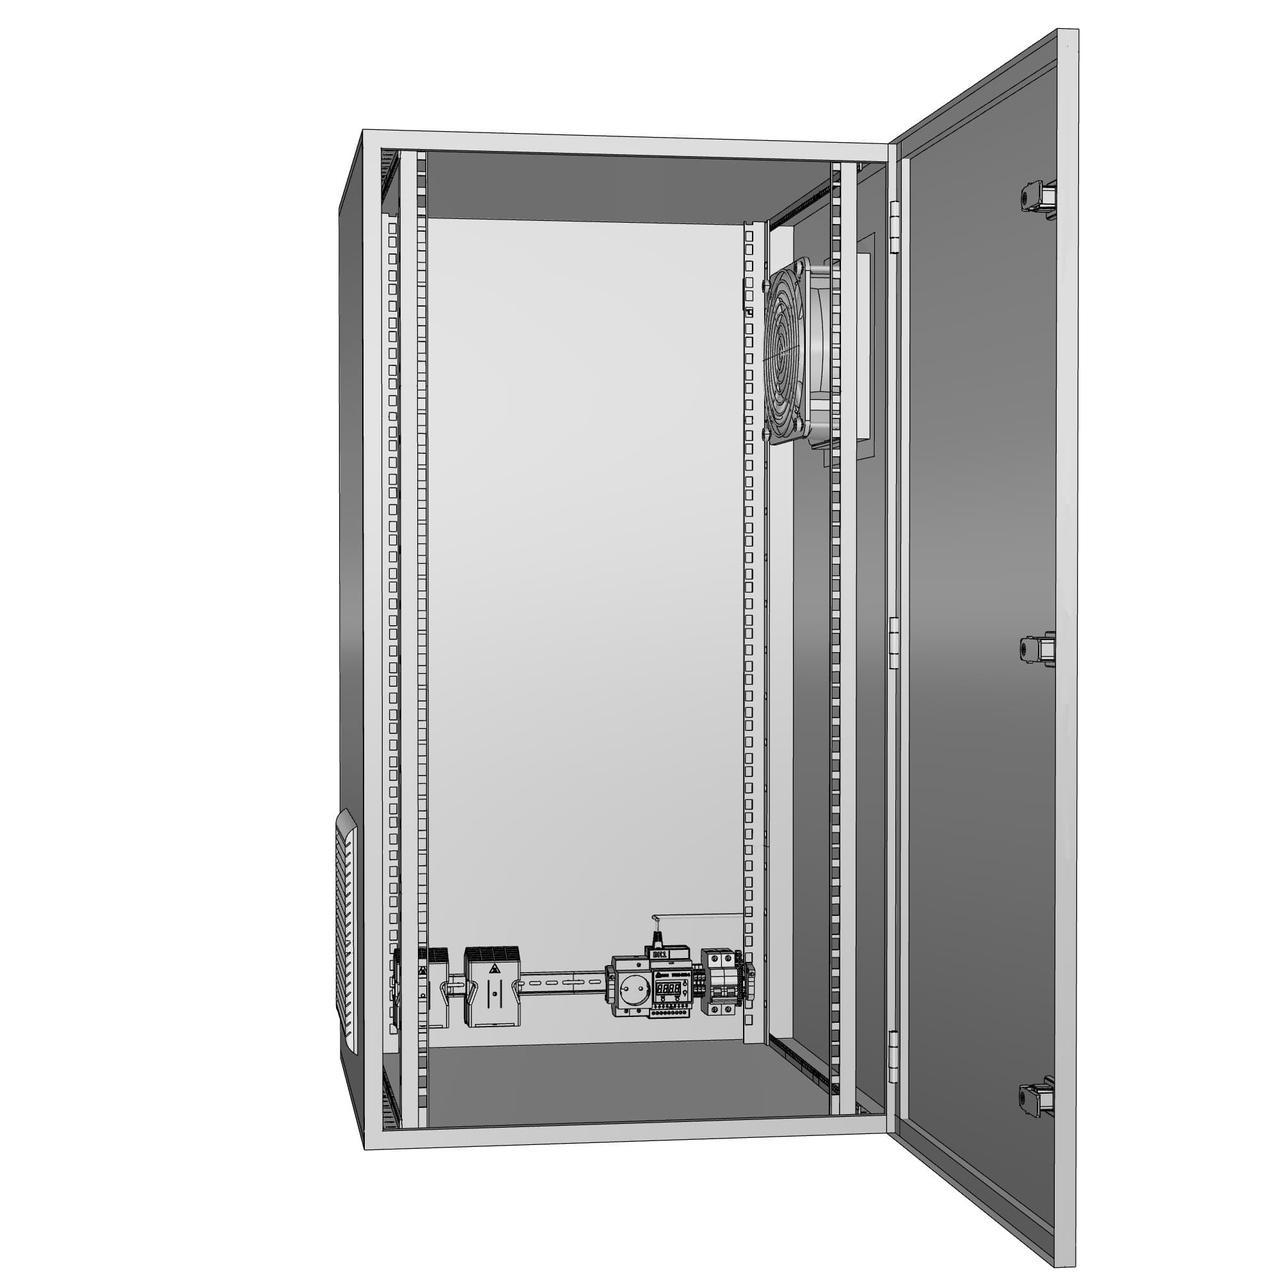 Щит климатический утеплённый с вентиляцией ЩКу- В- 01- 400×300×150 (В×Ш×Г) IP65